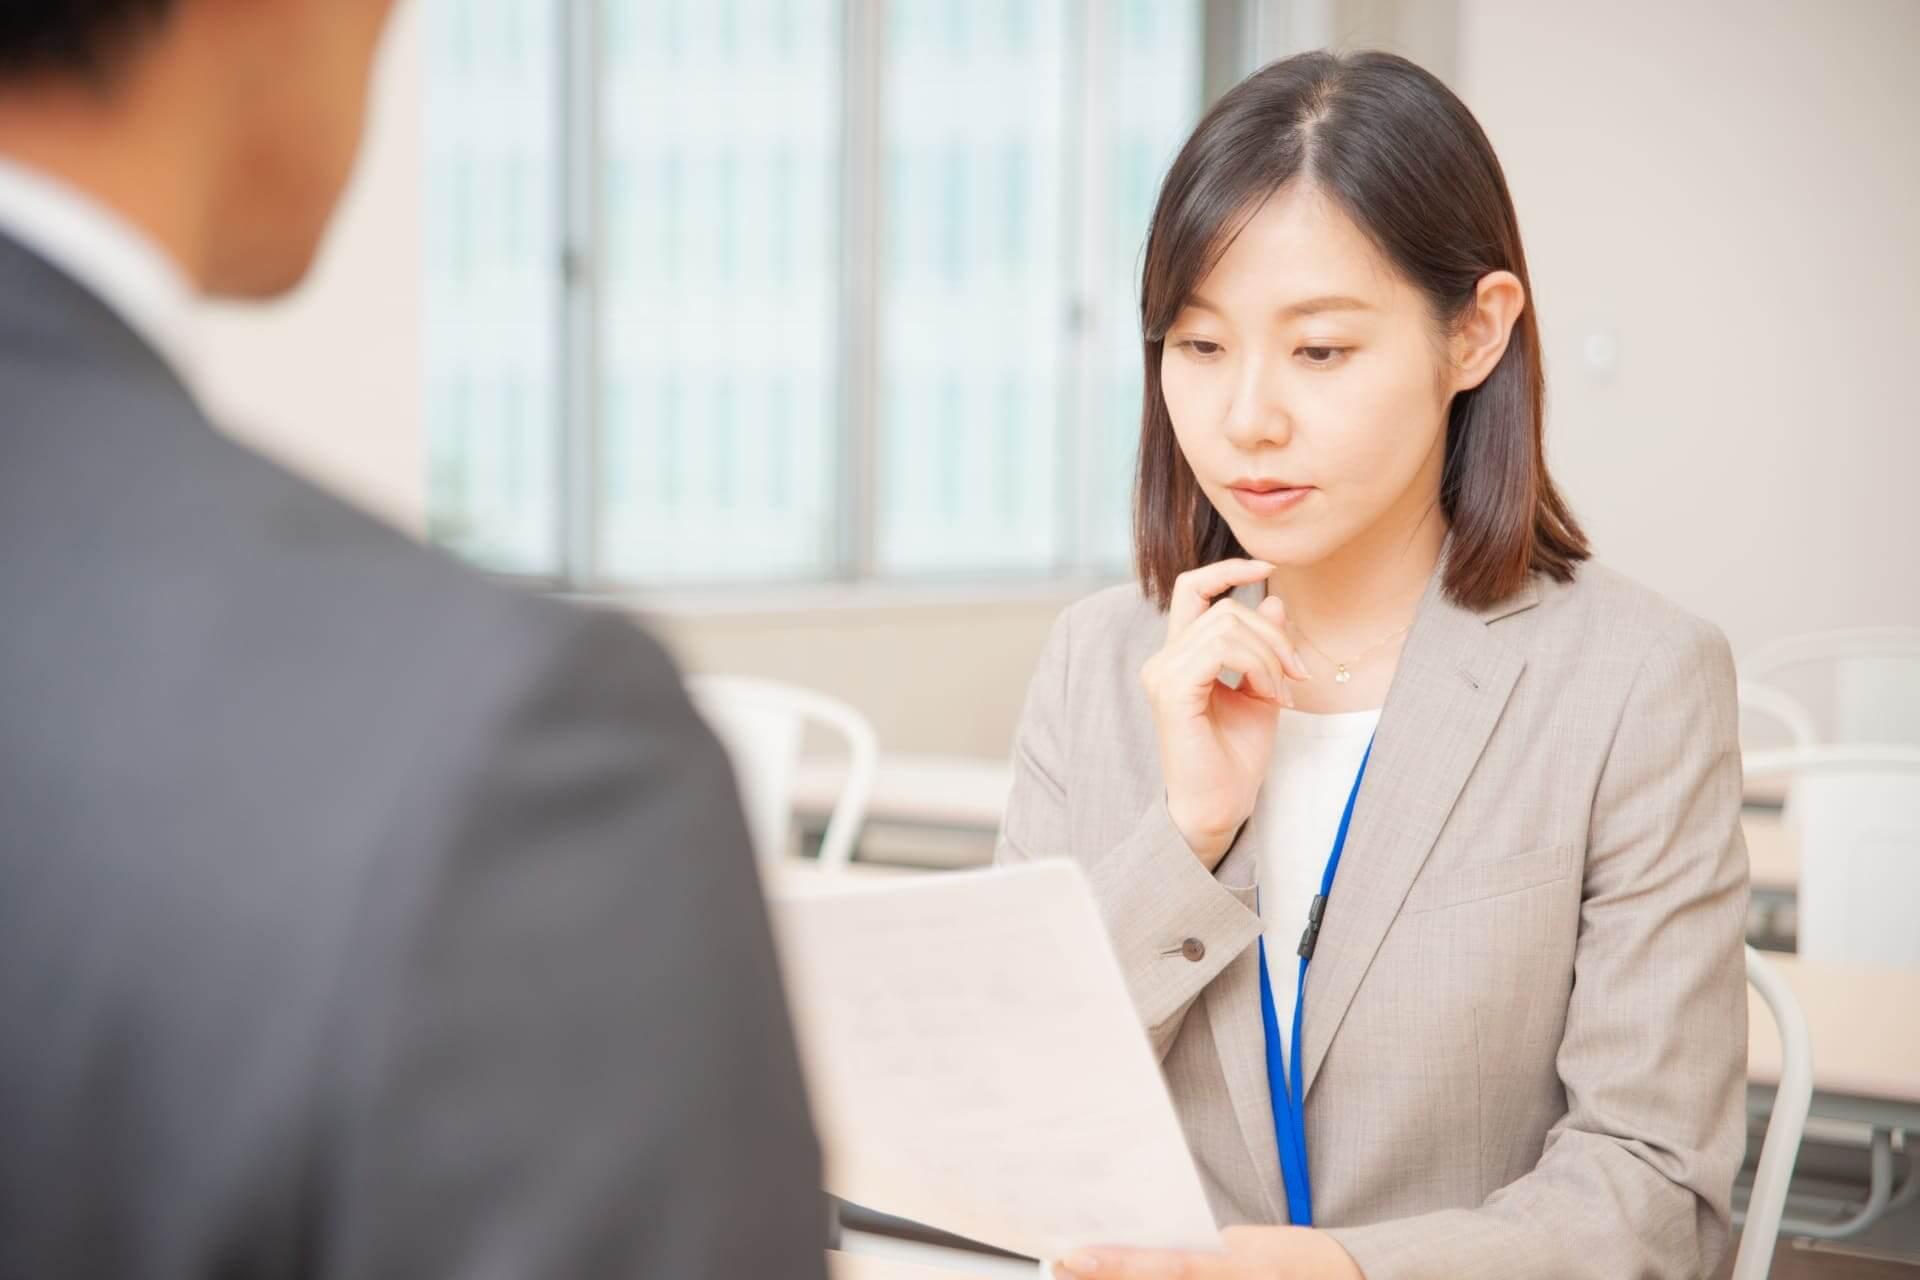 木下レオン当たる仕事占い|転職に最適な時期はいつ?仕事状況&年収の変化